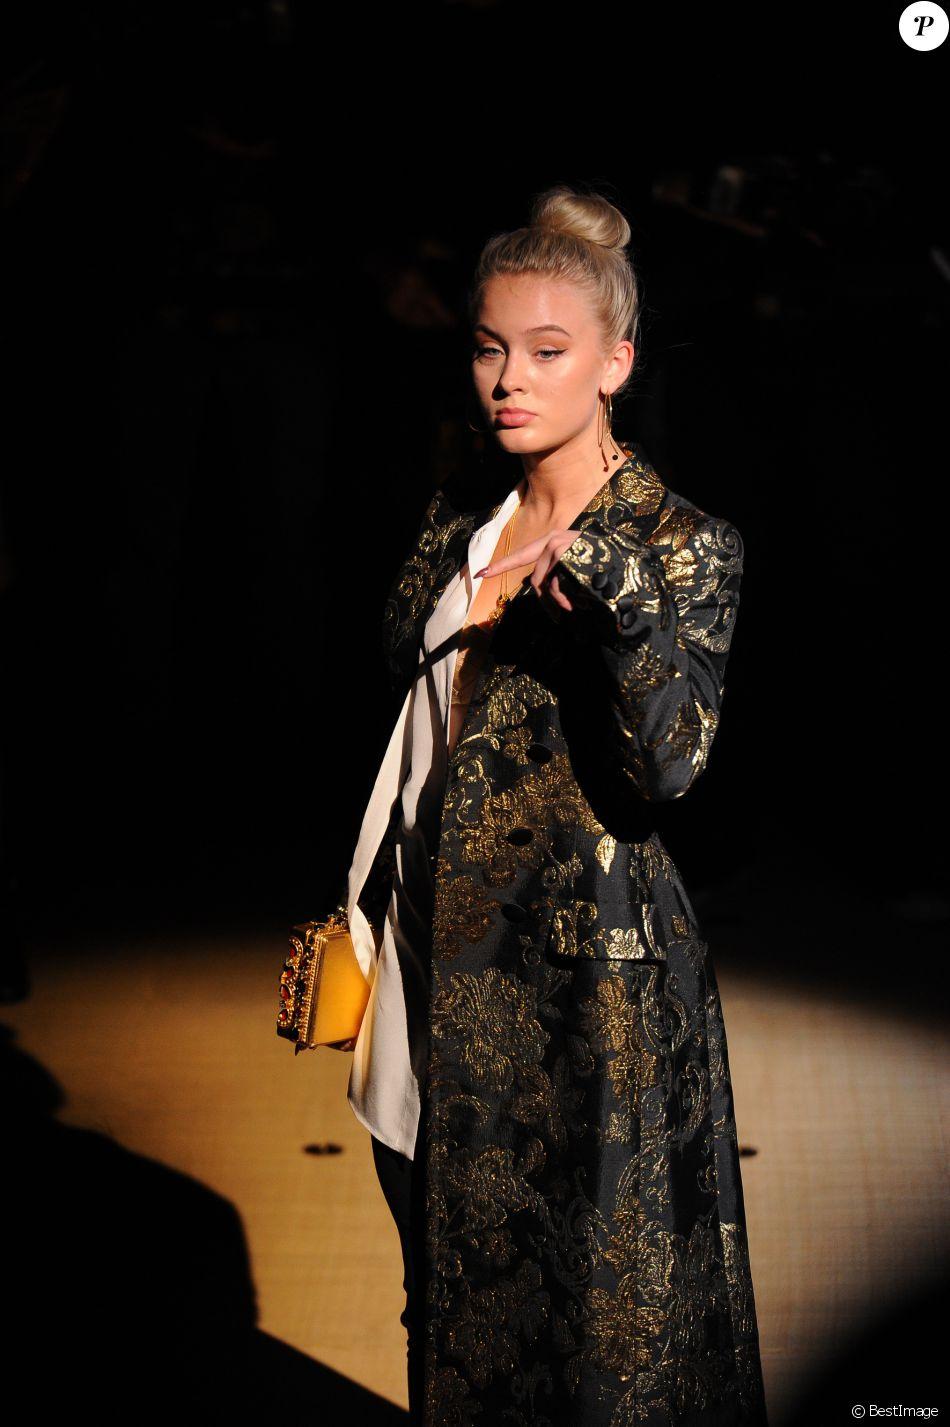 Zara Larsson - Défilé Dolce   Gabbana (collection prêt-à-porter  printemps-été 2017) à Milan. Le 25 septembre 2016. 34877a65cc21